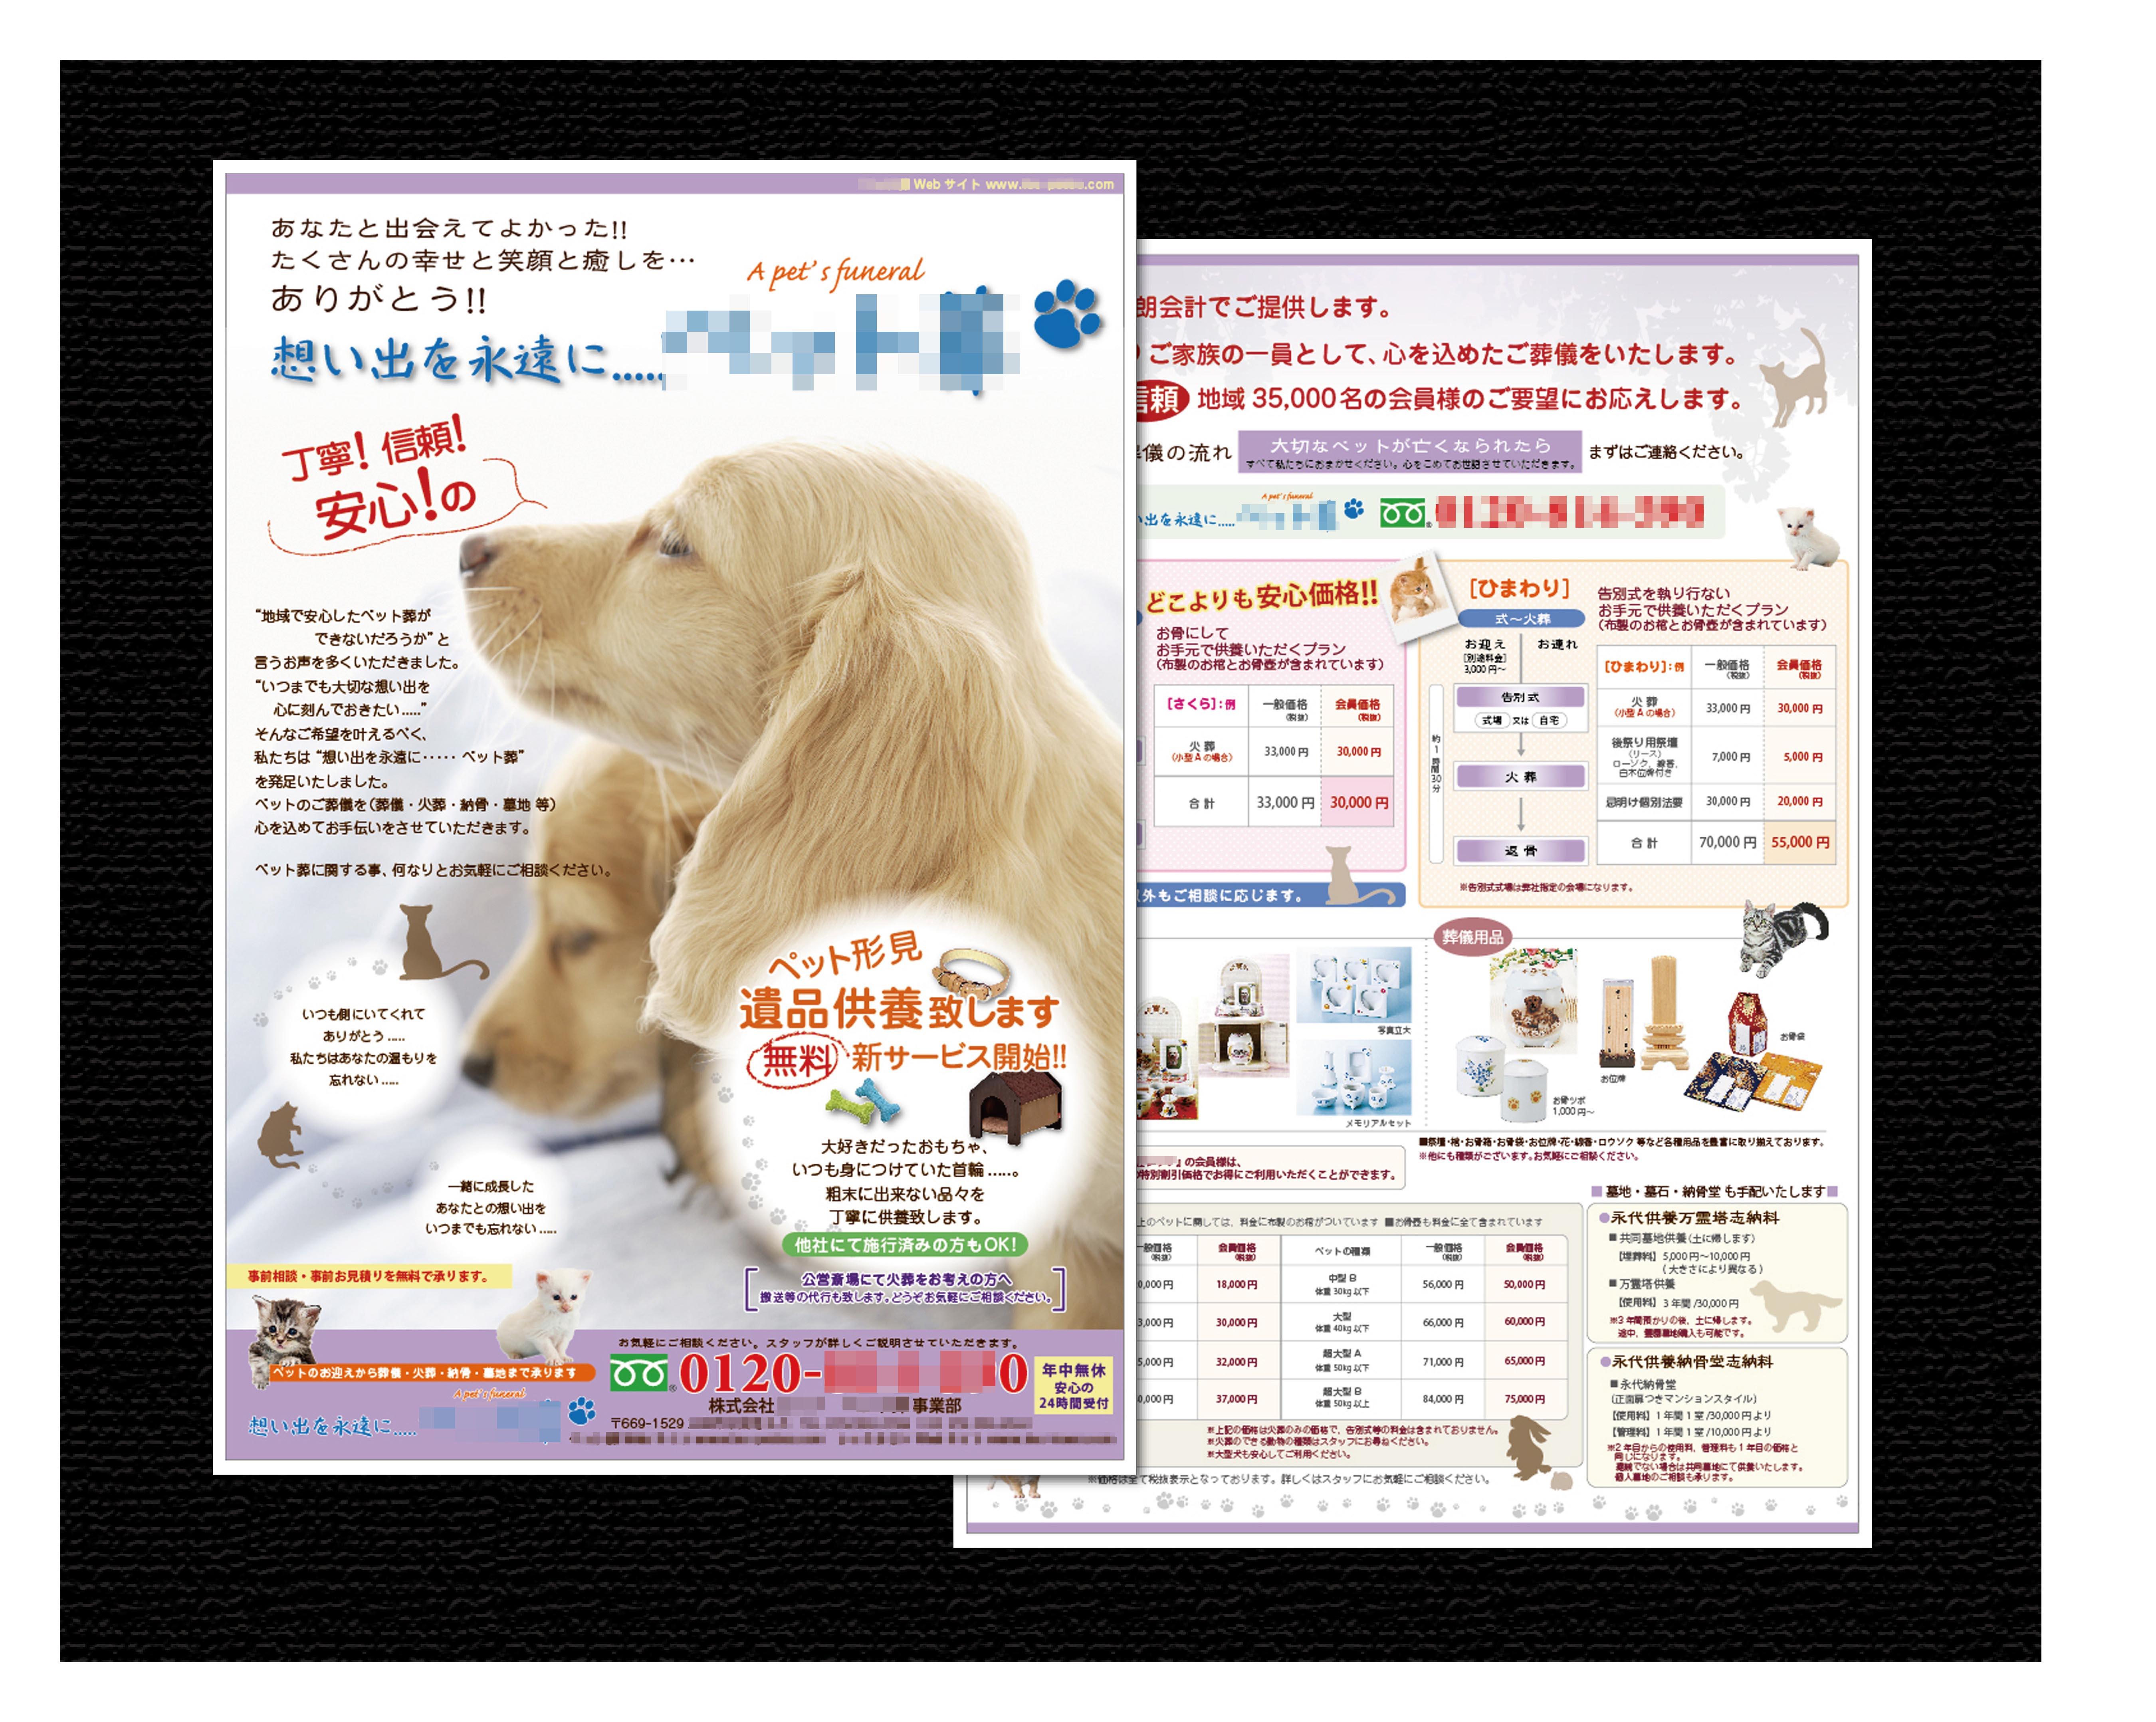 ペット葬_宣伝広告